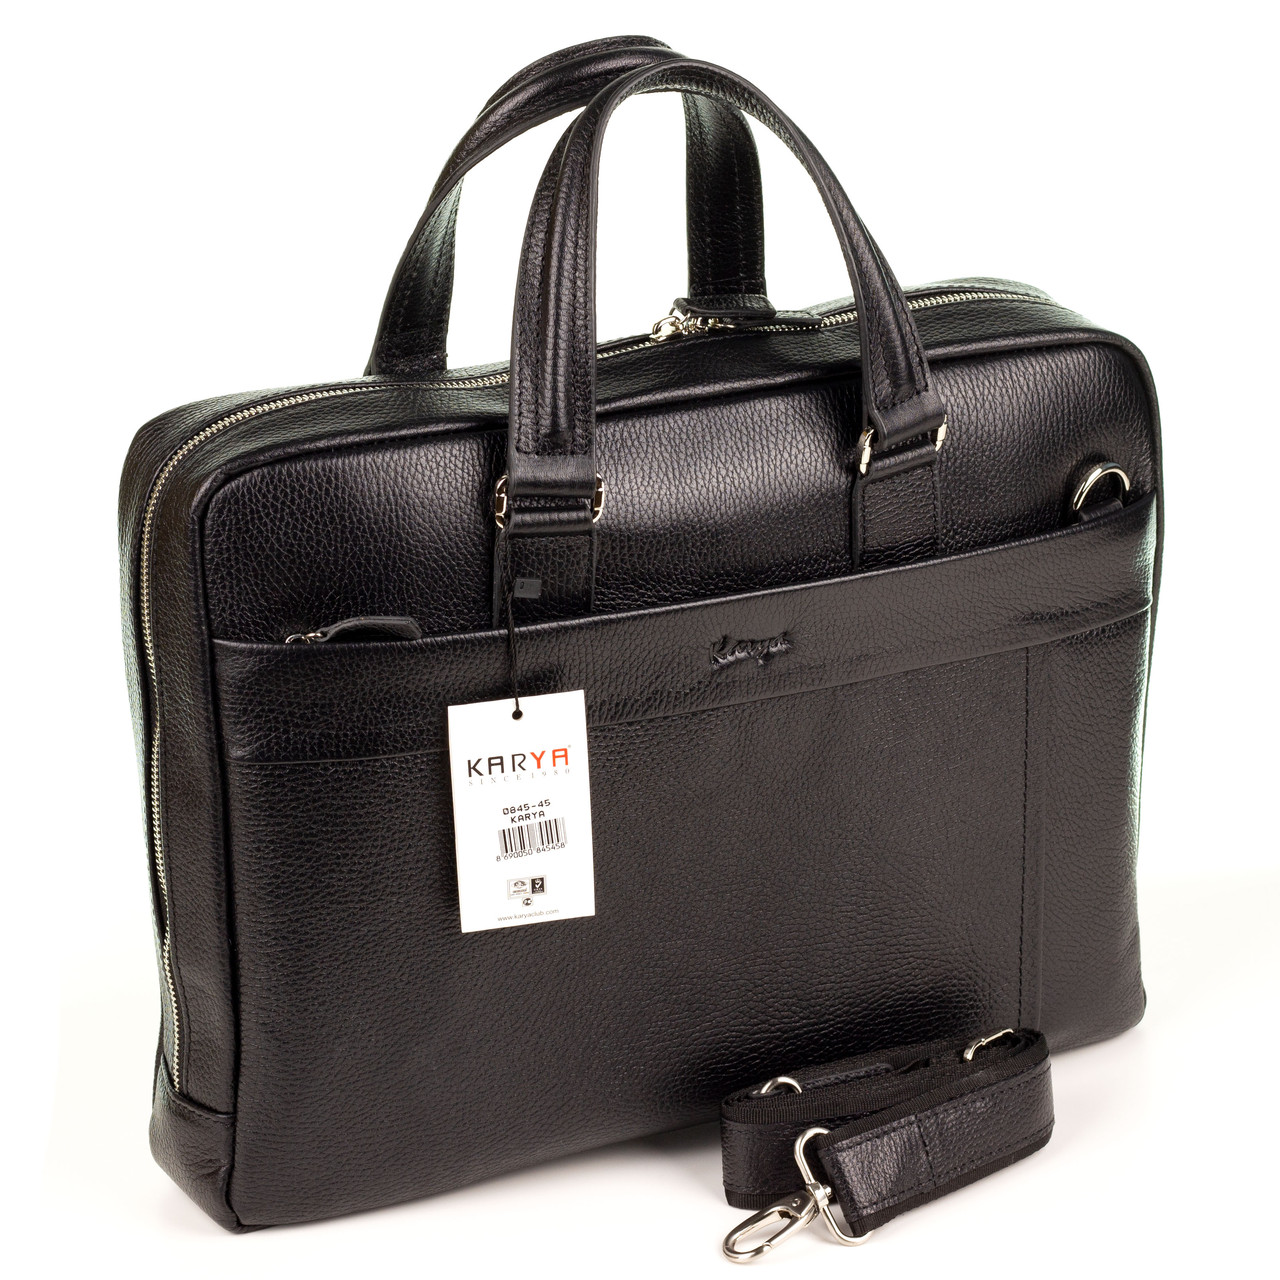 Мужской портфель сумка Karya 0845-45 из мягкой кожи черный